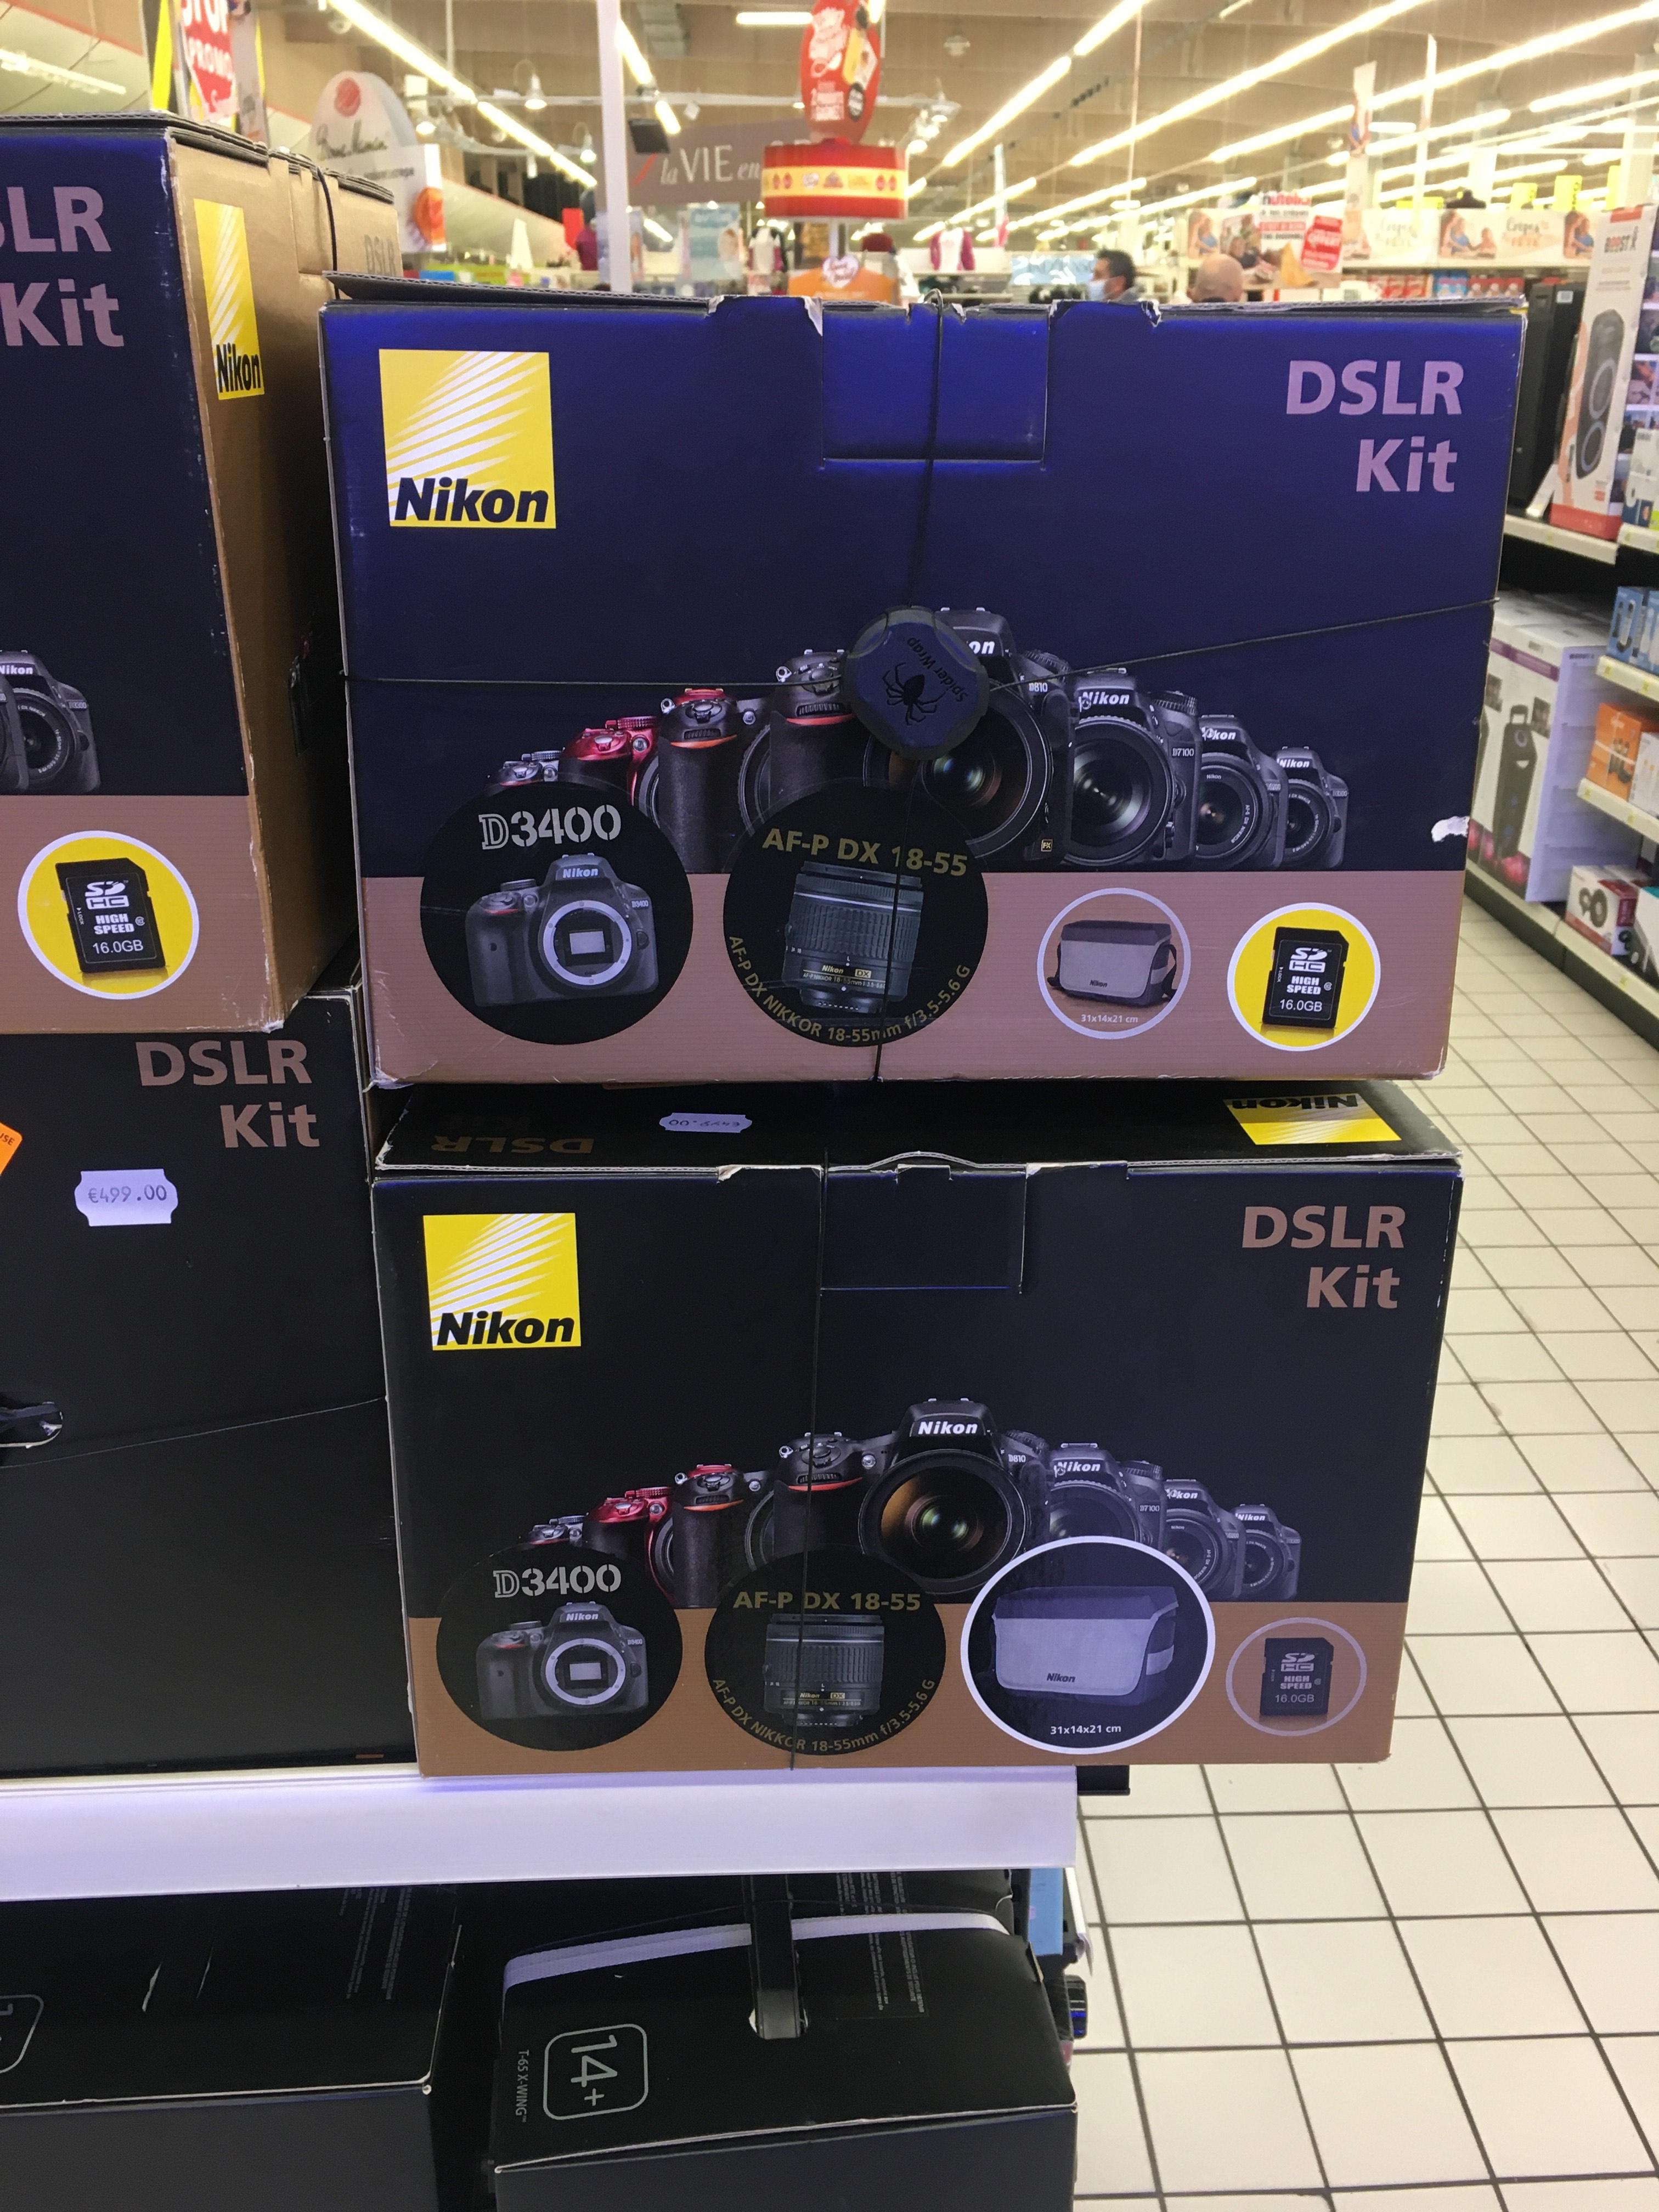 Kit appareil photo numérique Nikon D3400 (24.2 Mpix, CMOS) + objectif AF-P DX Nikkor 18-55mm - Mulhouse (68)